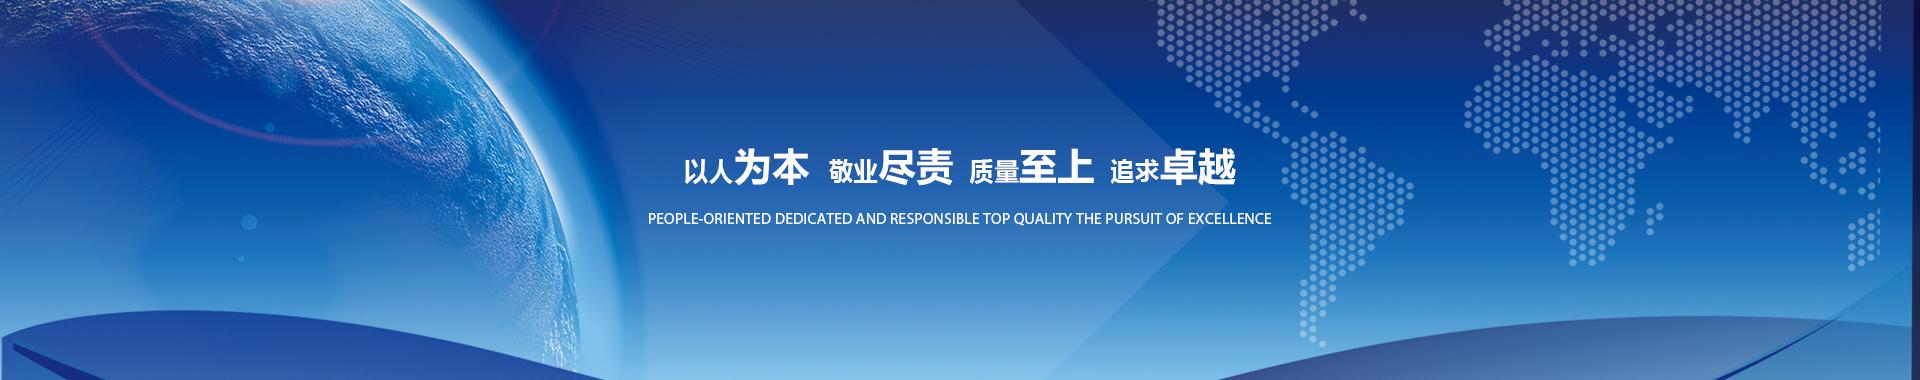 长沙钛合电子设备有限公司